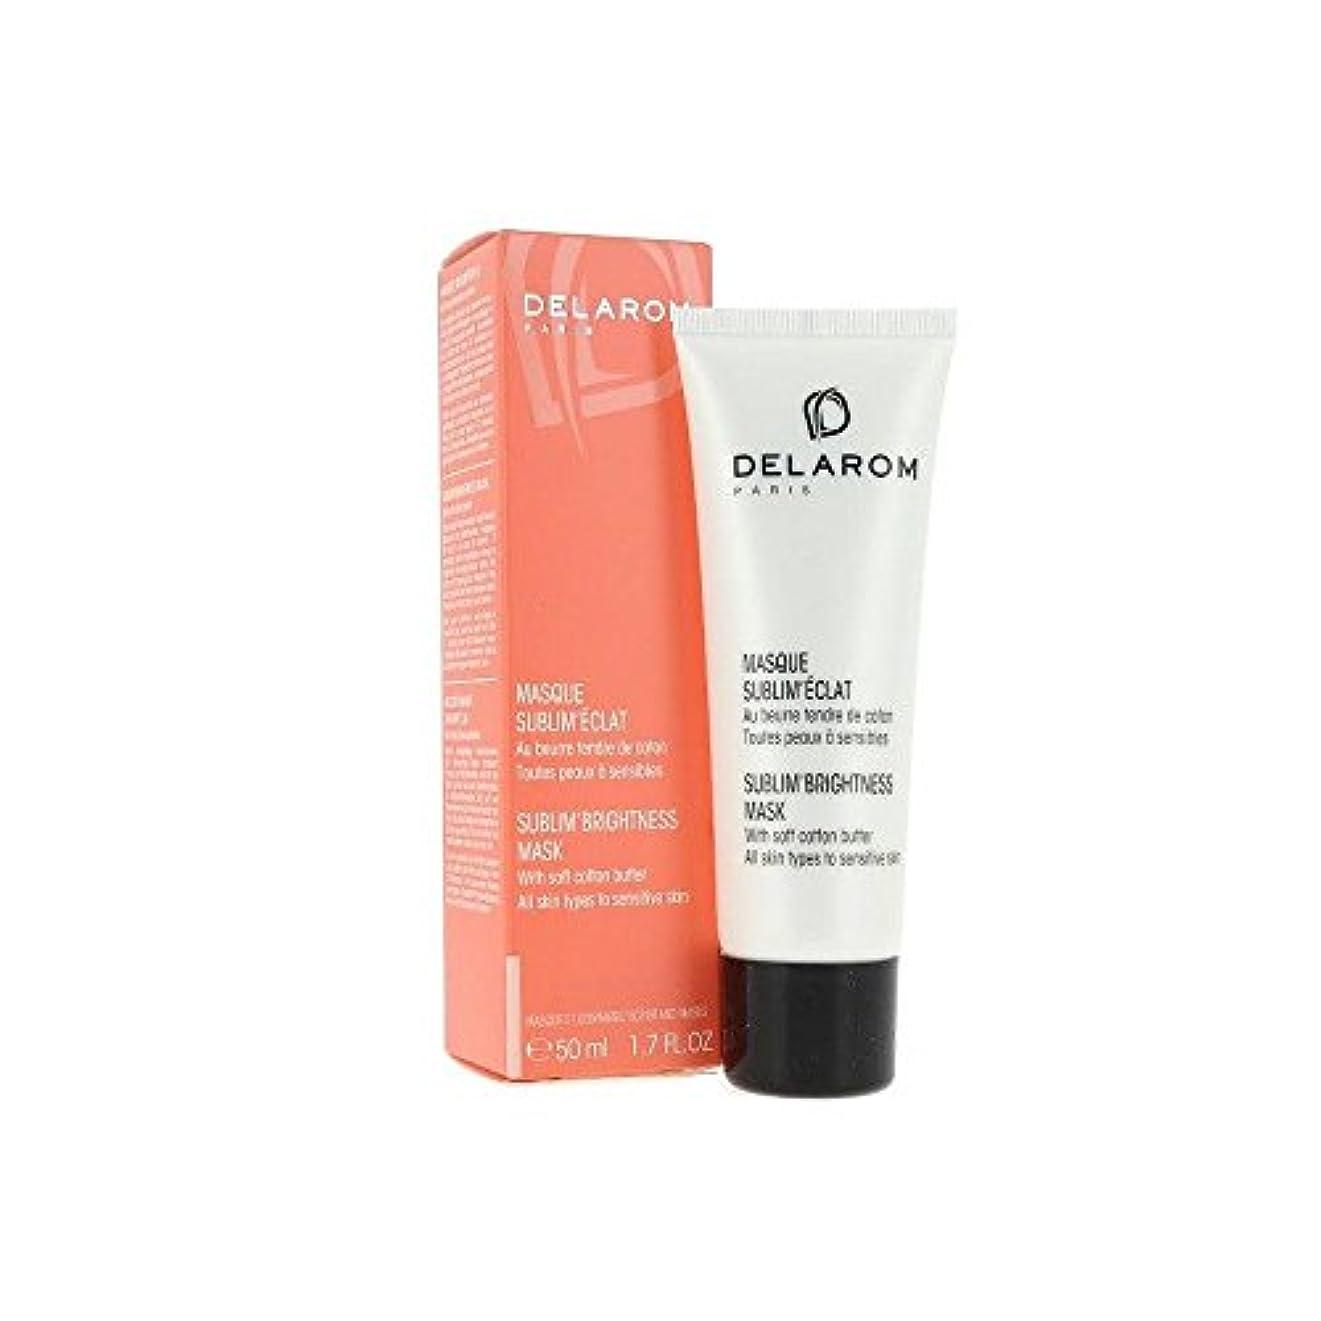 ストローク時間とともに気晴らしDELAROM Sublim' Brightness Mask - For All Skin Types to Sensitive Skin 50ml/1.7oz並行輸入品